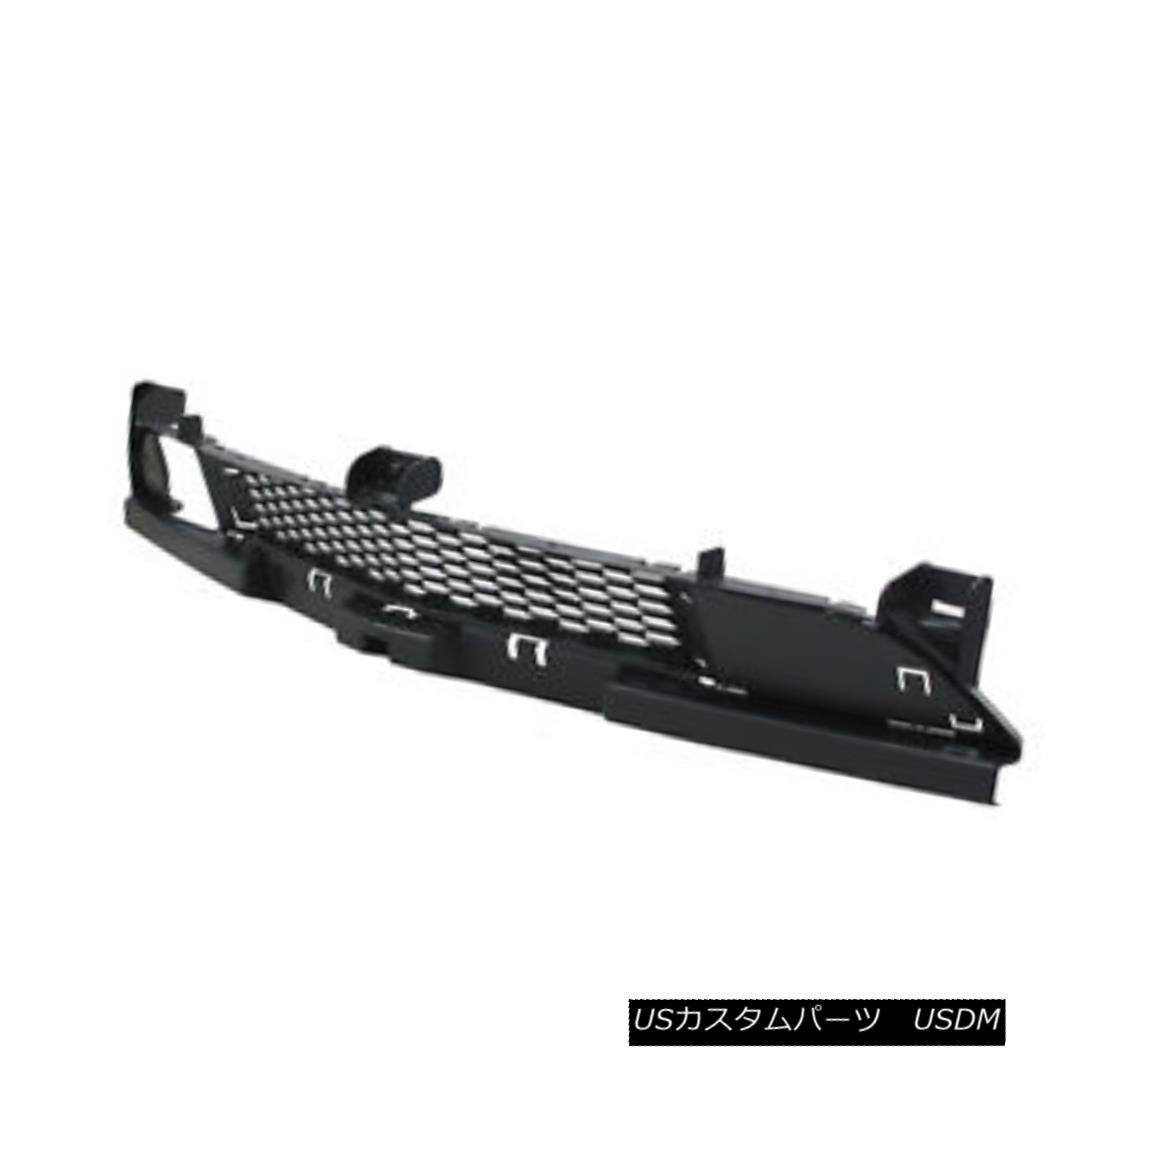 グリル Replacement Bumper Cover Grille w/Apative Cruise Control w/o SRT8 104-02296B V 交換用バンパーカバーグリル(適応クルーズコントロール付き)SRT8 104-02296B V